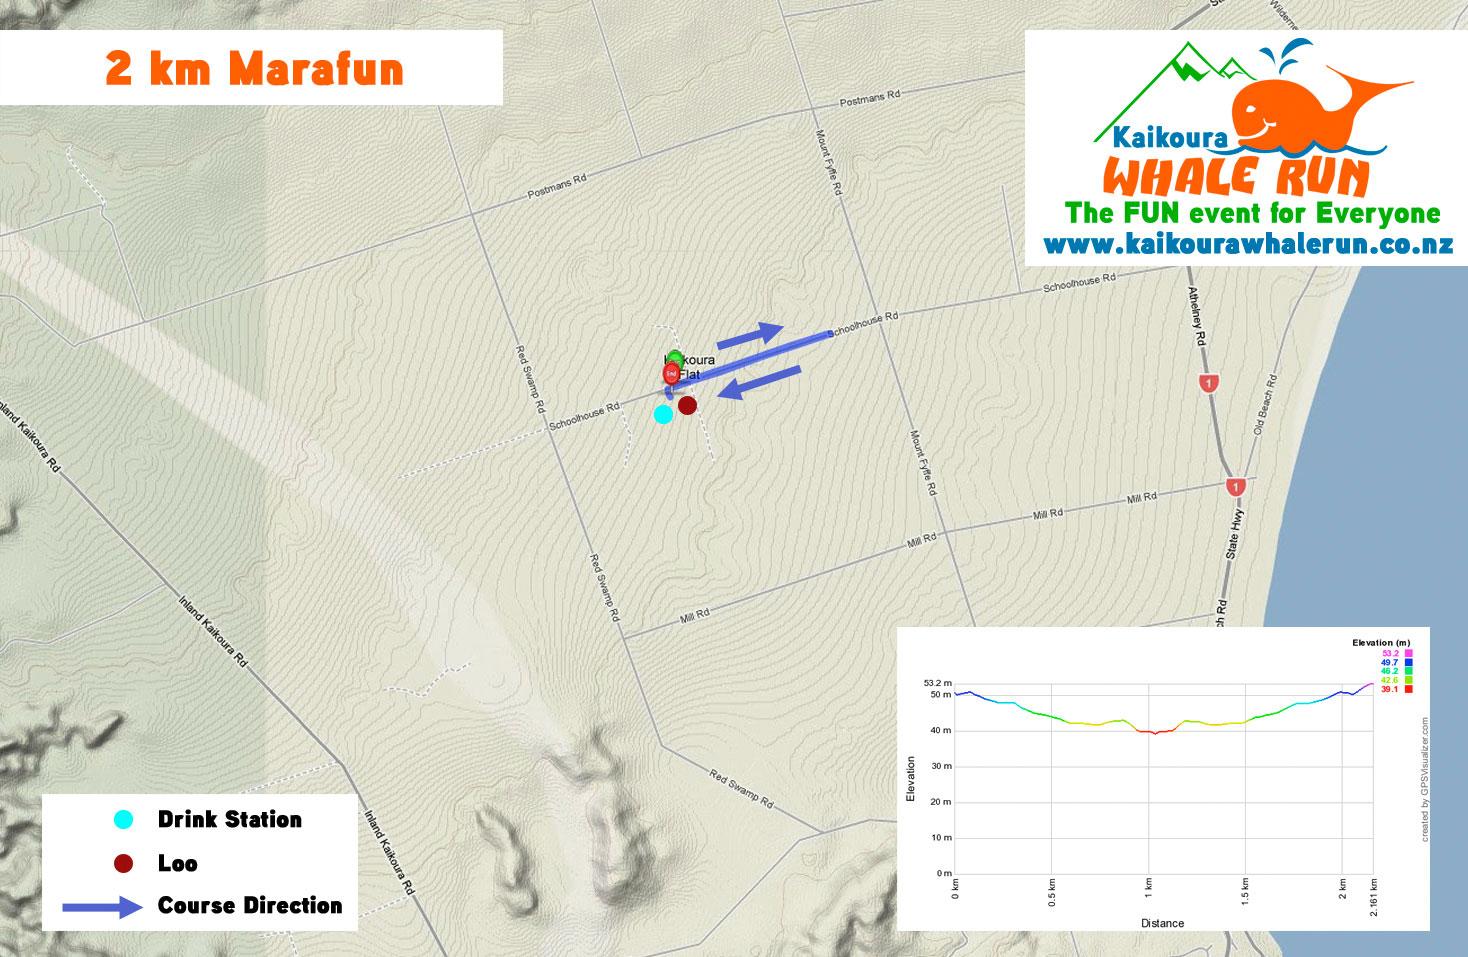 whale-run-2km-marafun